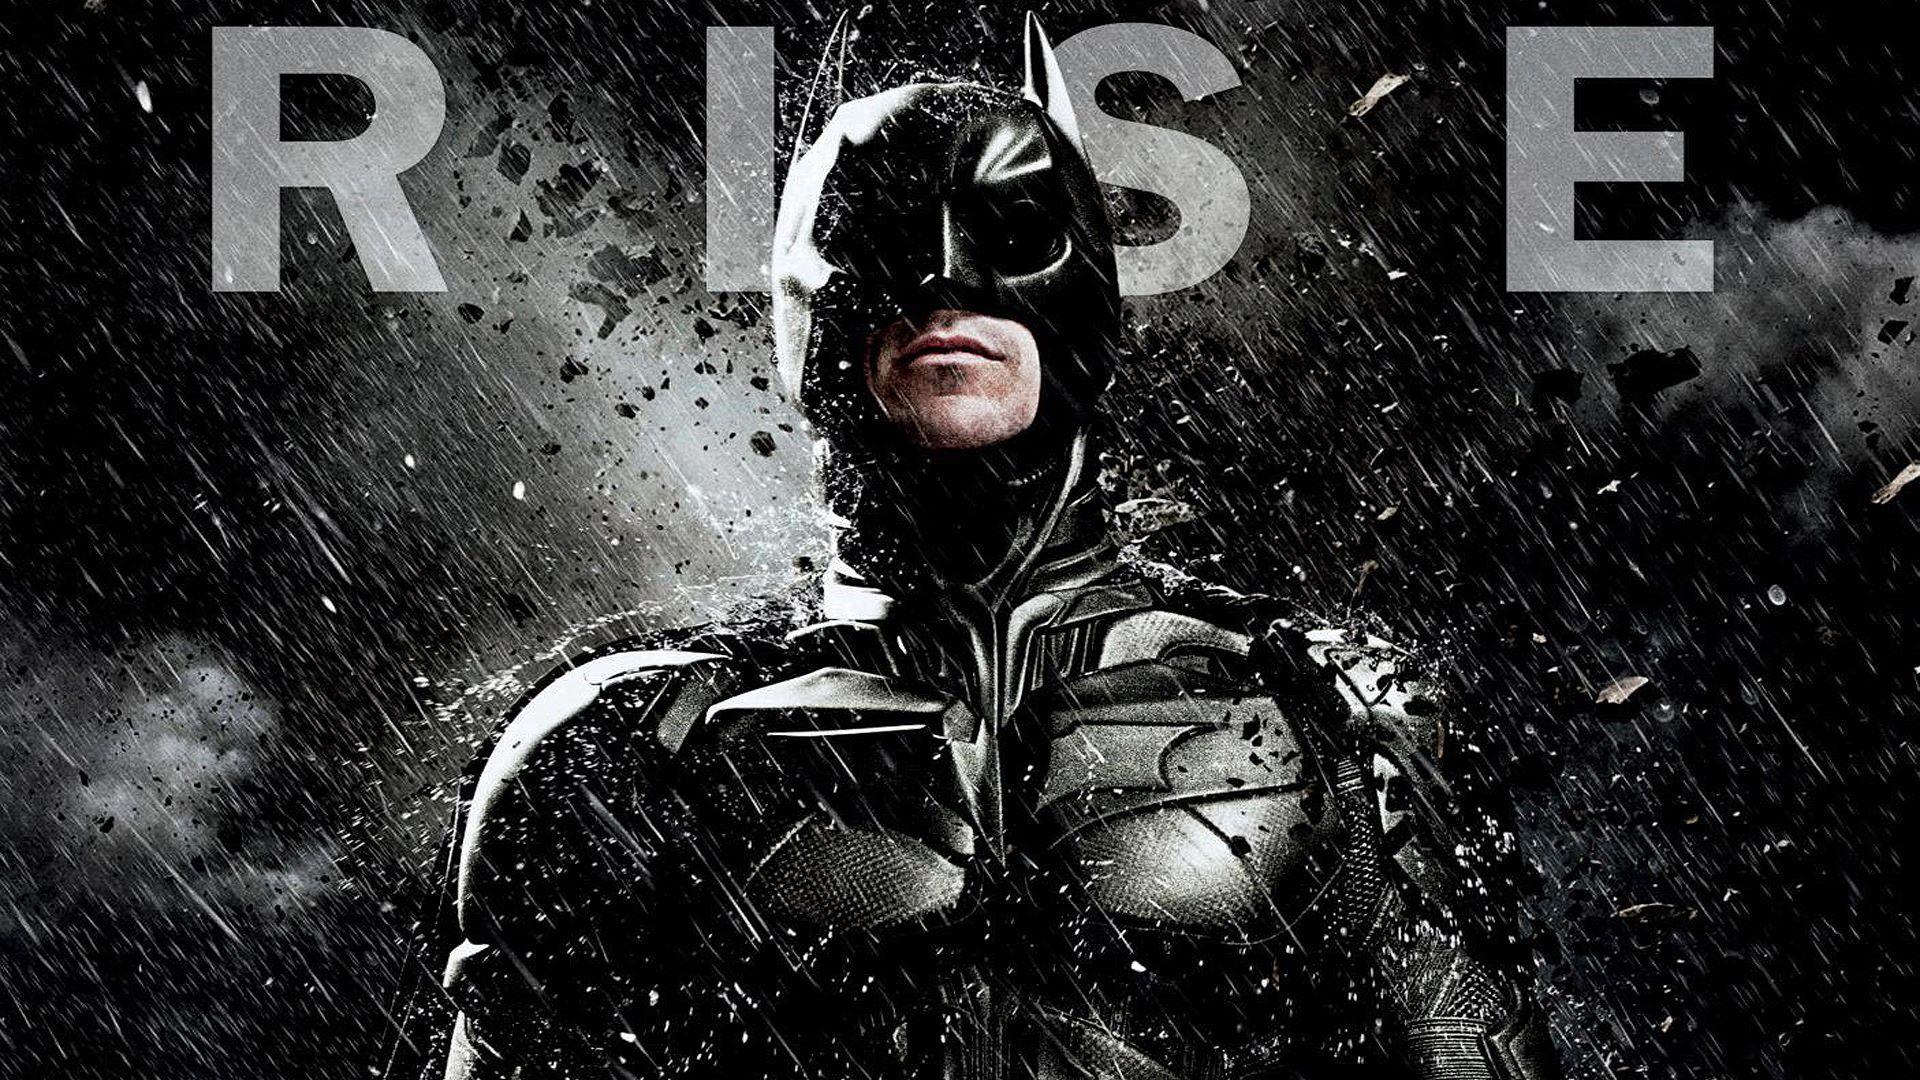 The Dark Knight Rises Superhero Dc Batman 1080p Hd Batman Dark